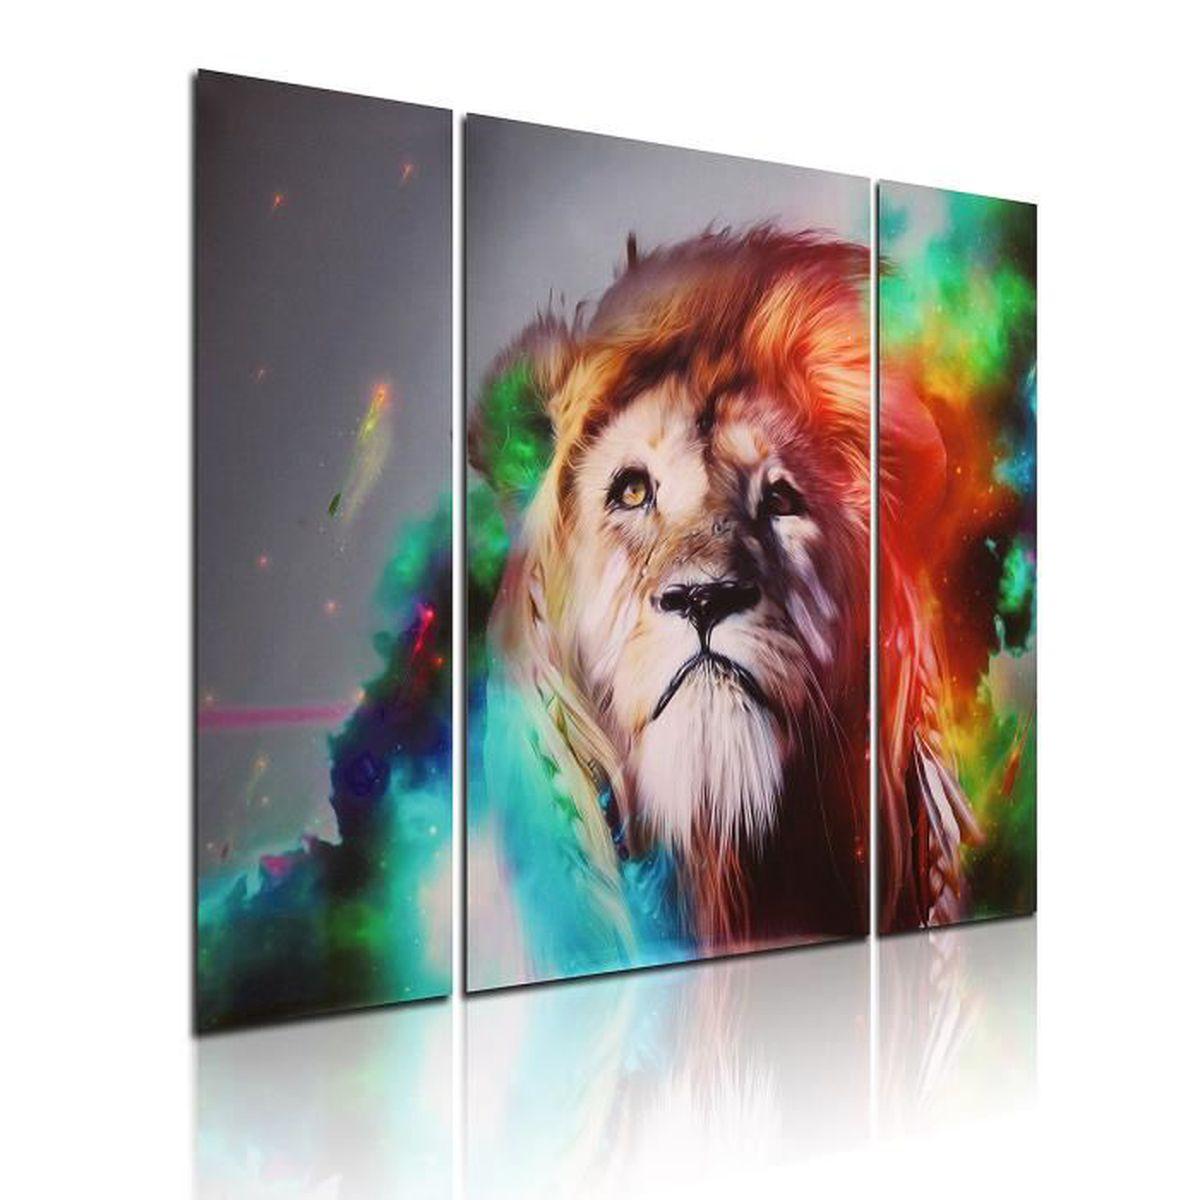 tableaux peinture sur toile tigre achat vente tableaux. Black Bedroom Furniture Sets. Home Design Ideas